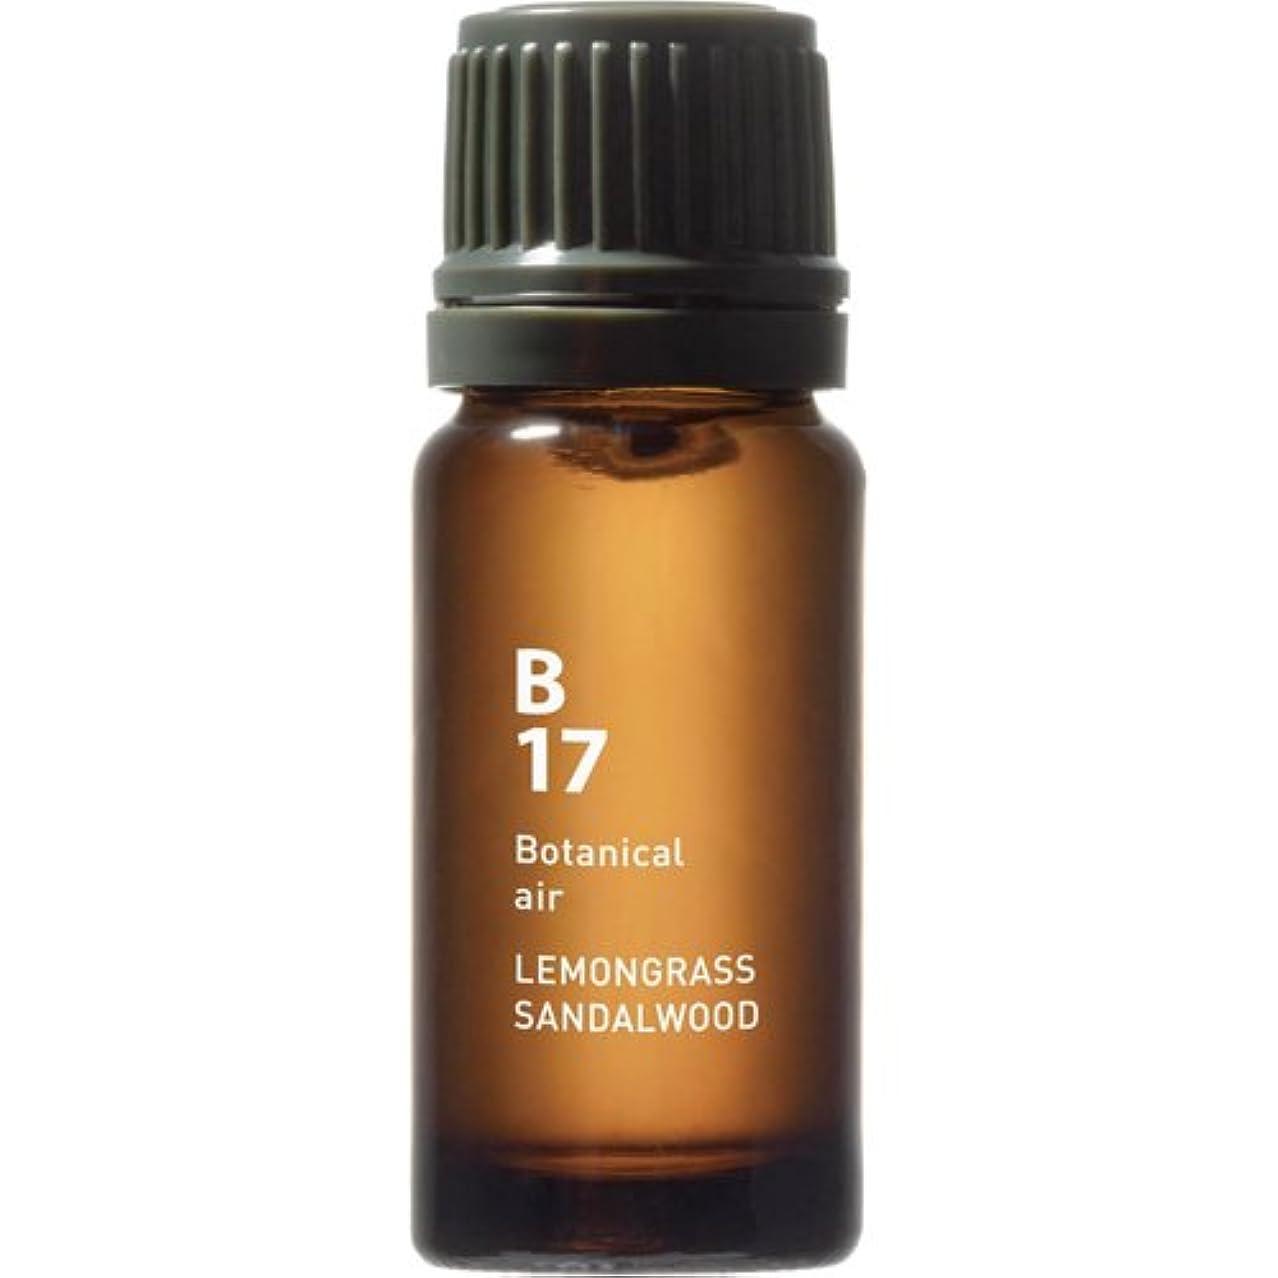 B17 レモングラスサンダルウッド Botanical air(ボタニカルエアー) 10ml